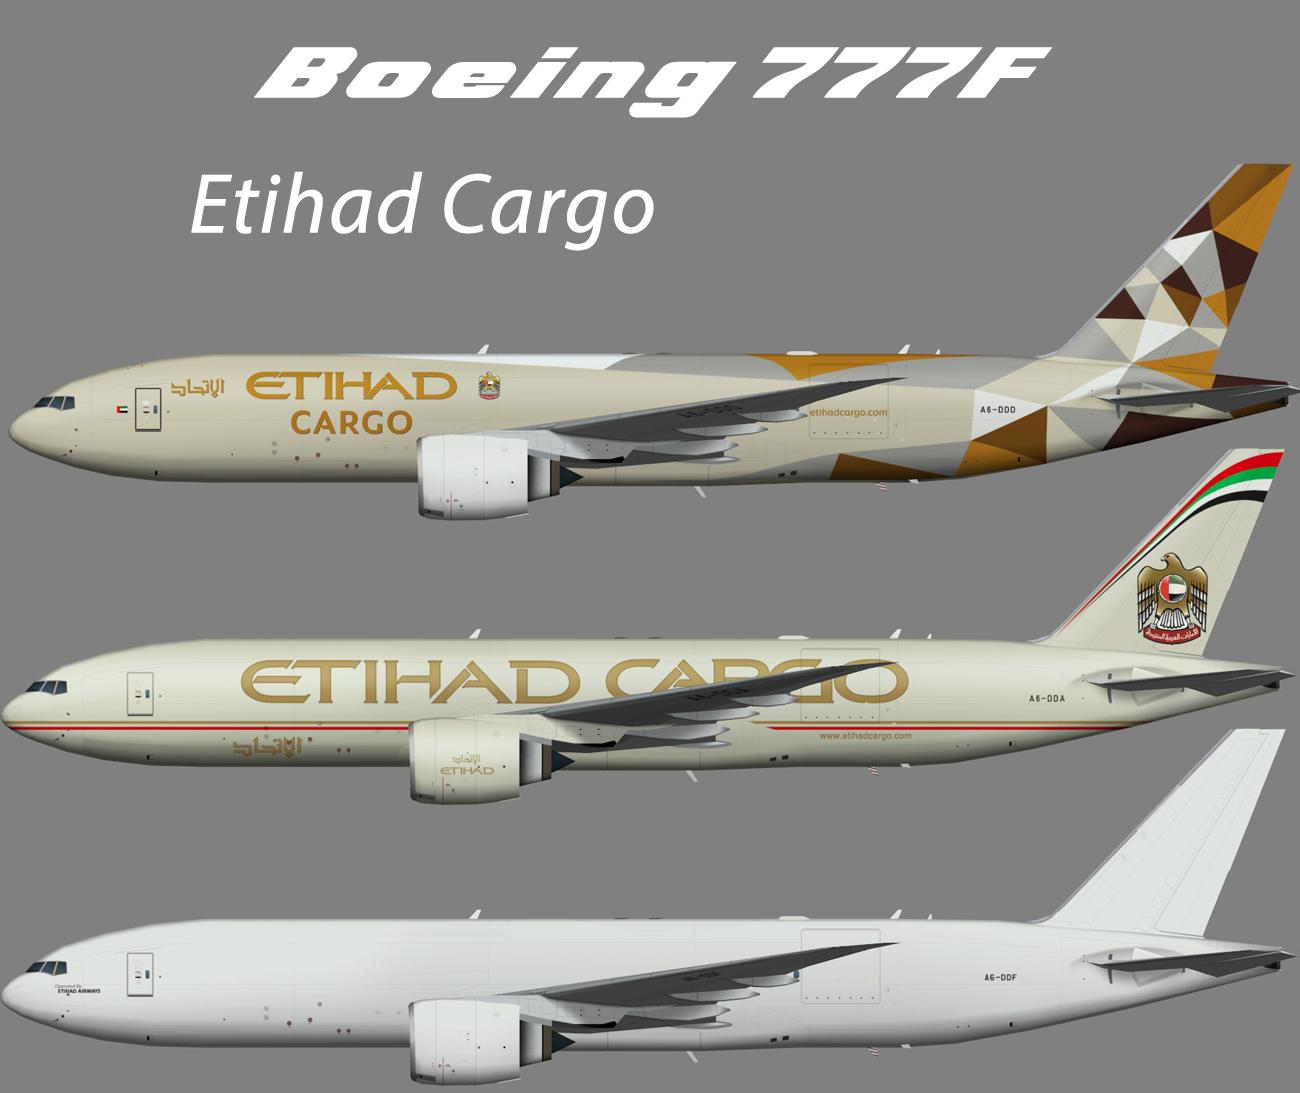 Etihad Cargo Boeing 777F – Nils